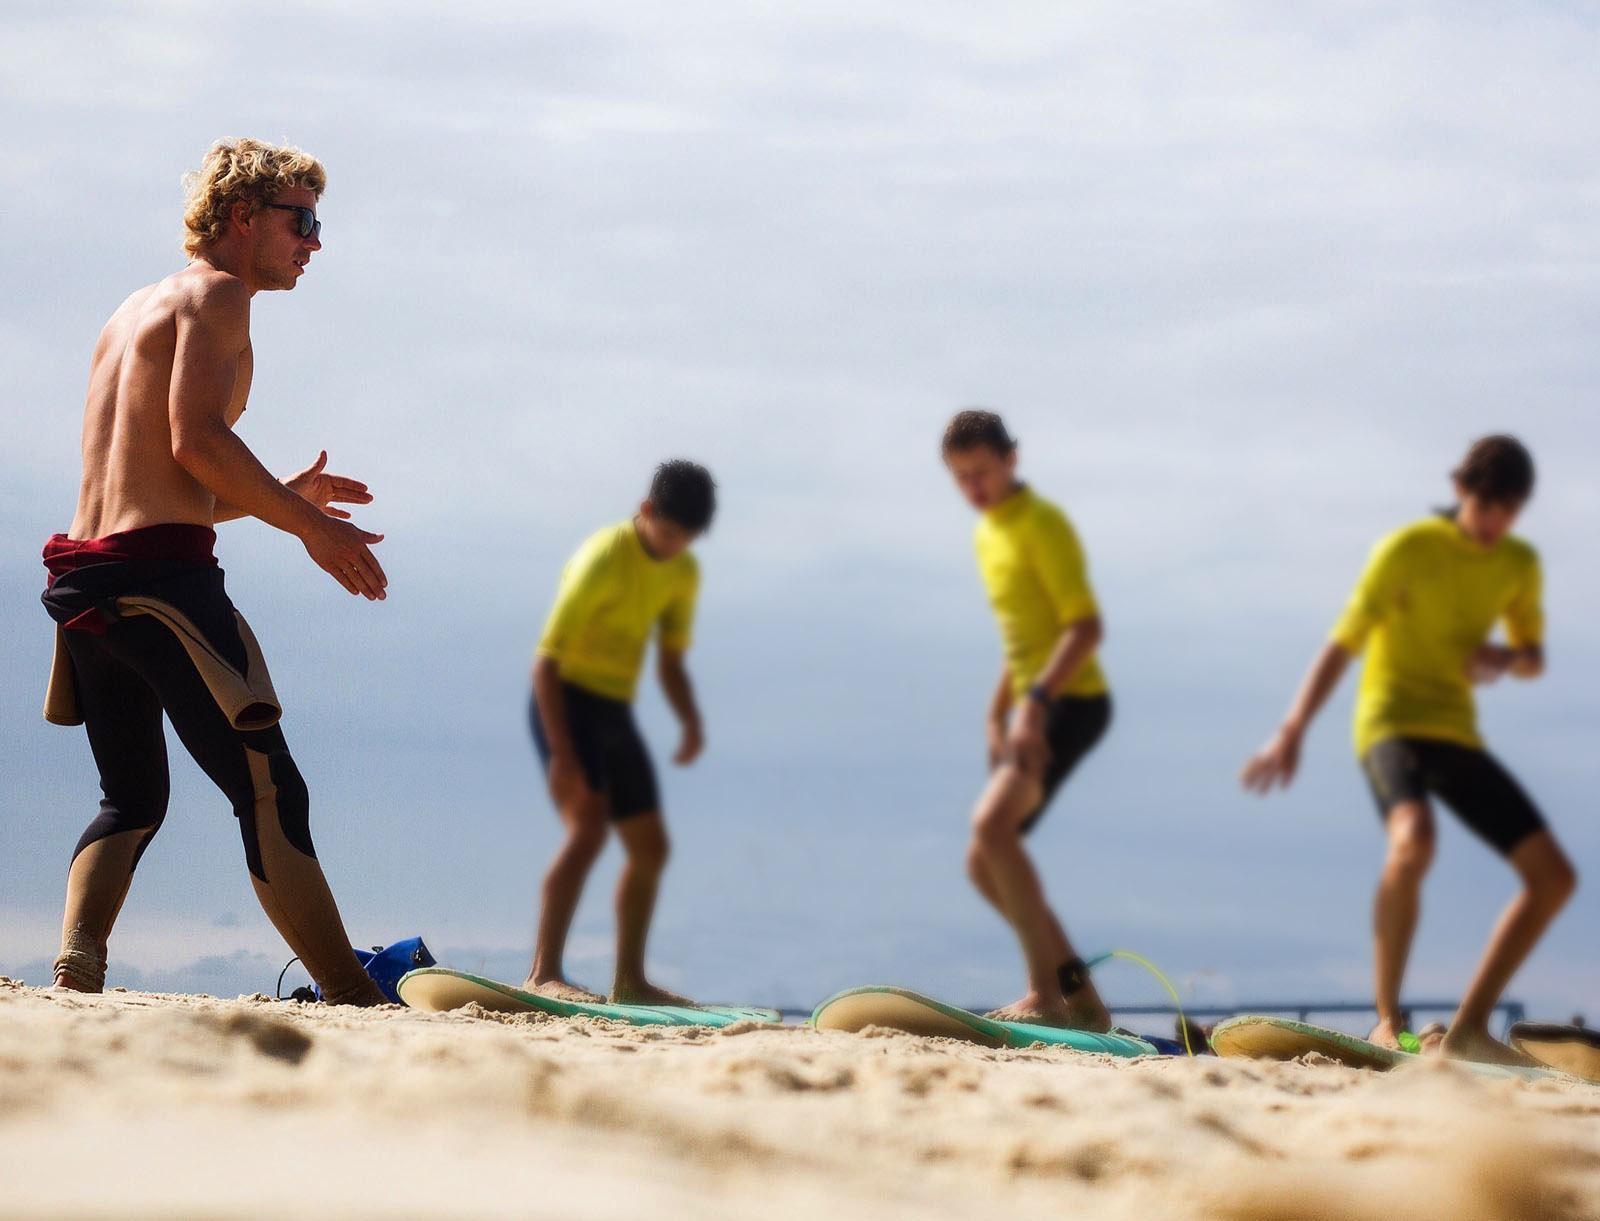 Cours de surf privé en gironde avec votre guide Maxime Castillo